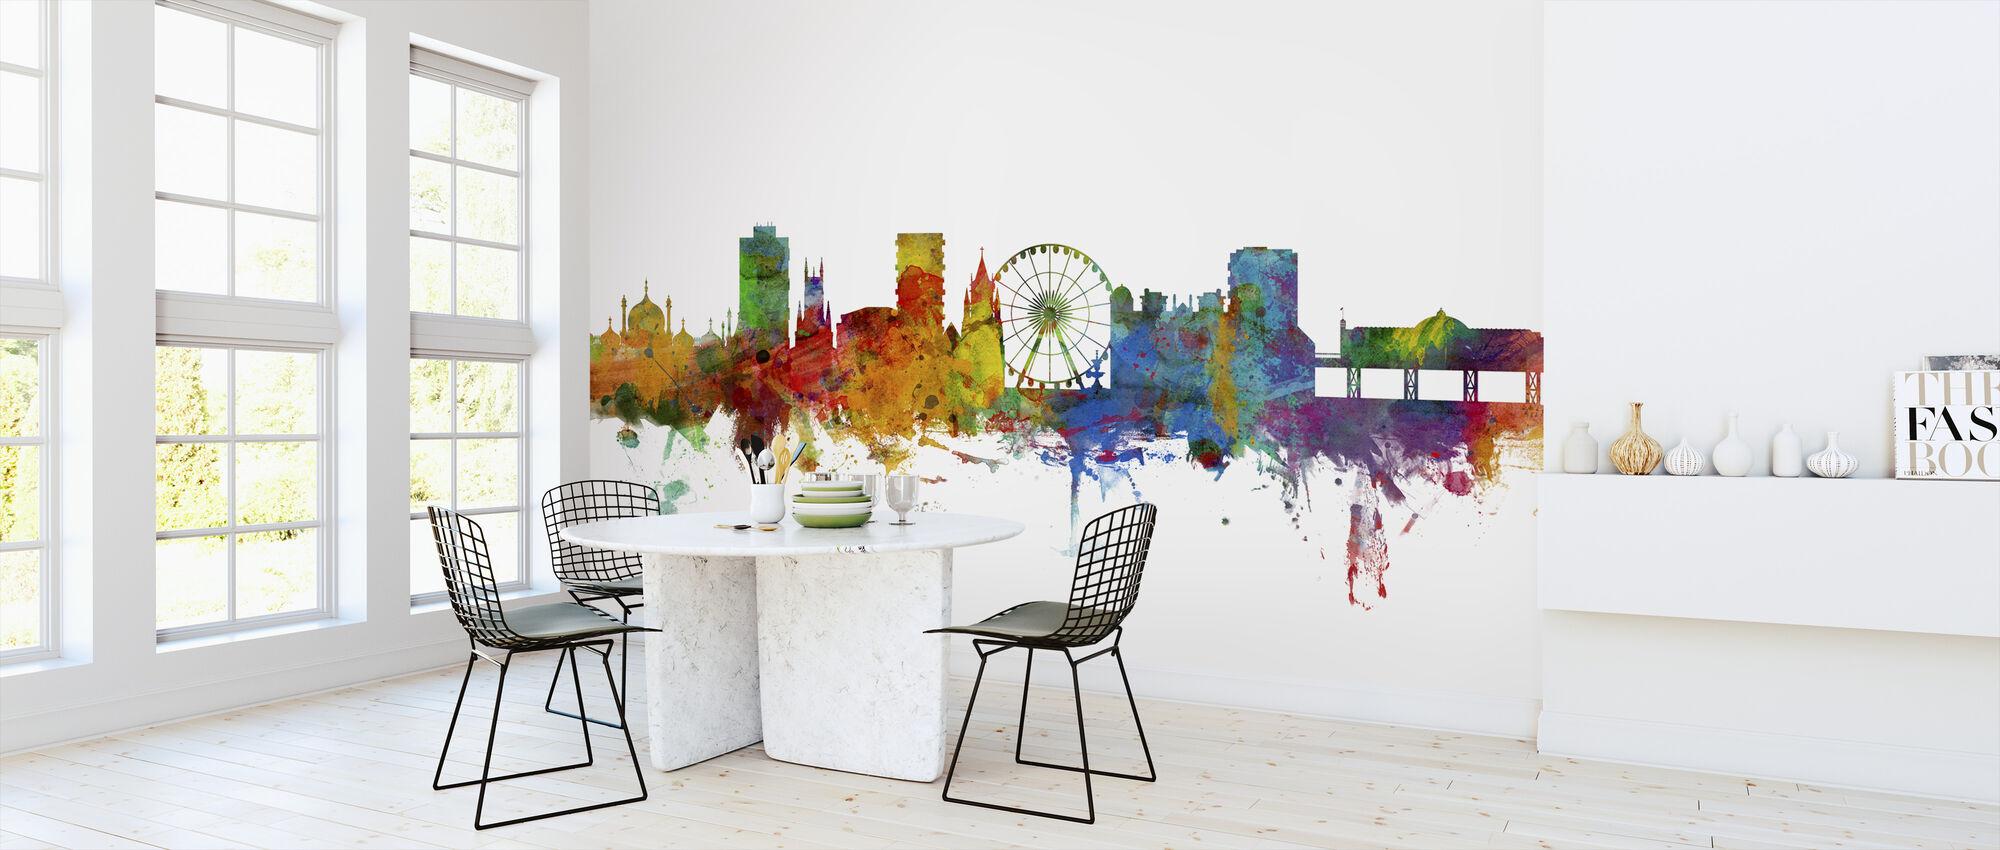 Brighton Skyline - Wallpaper - Kitchen